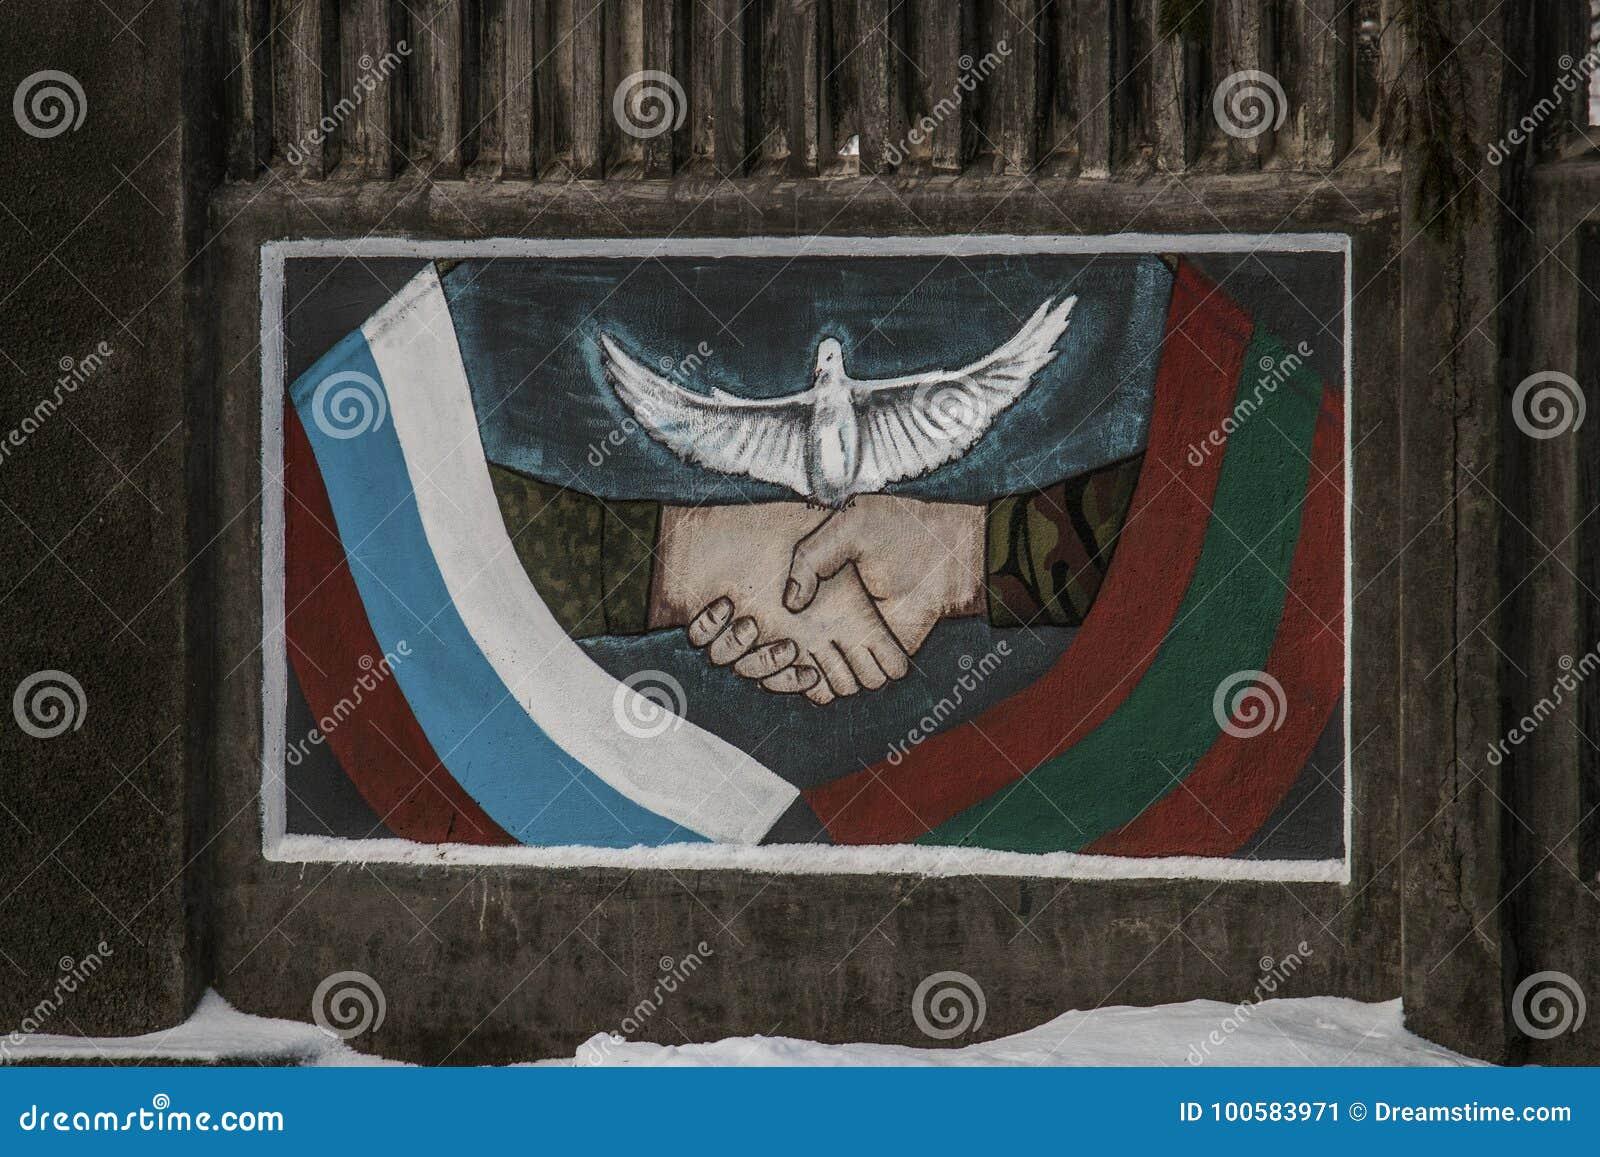 Peinture murale russe-Pridnestrovian d Alliance dans la cintreuse, le Transnistrie